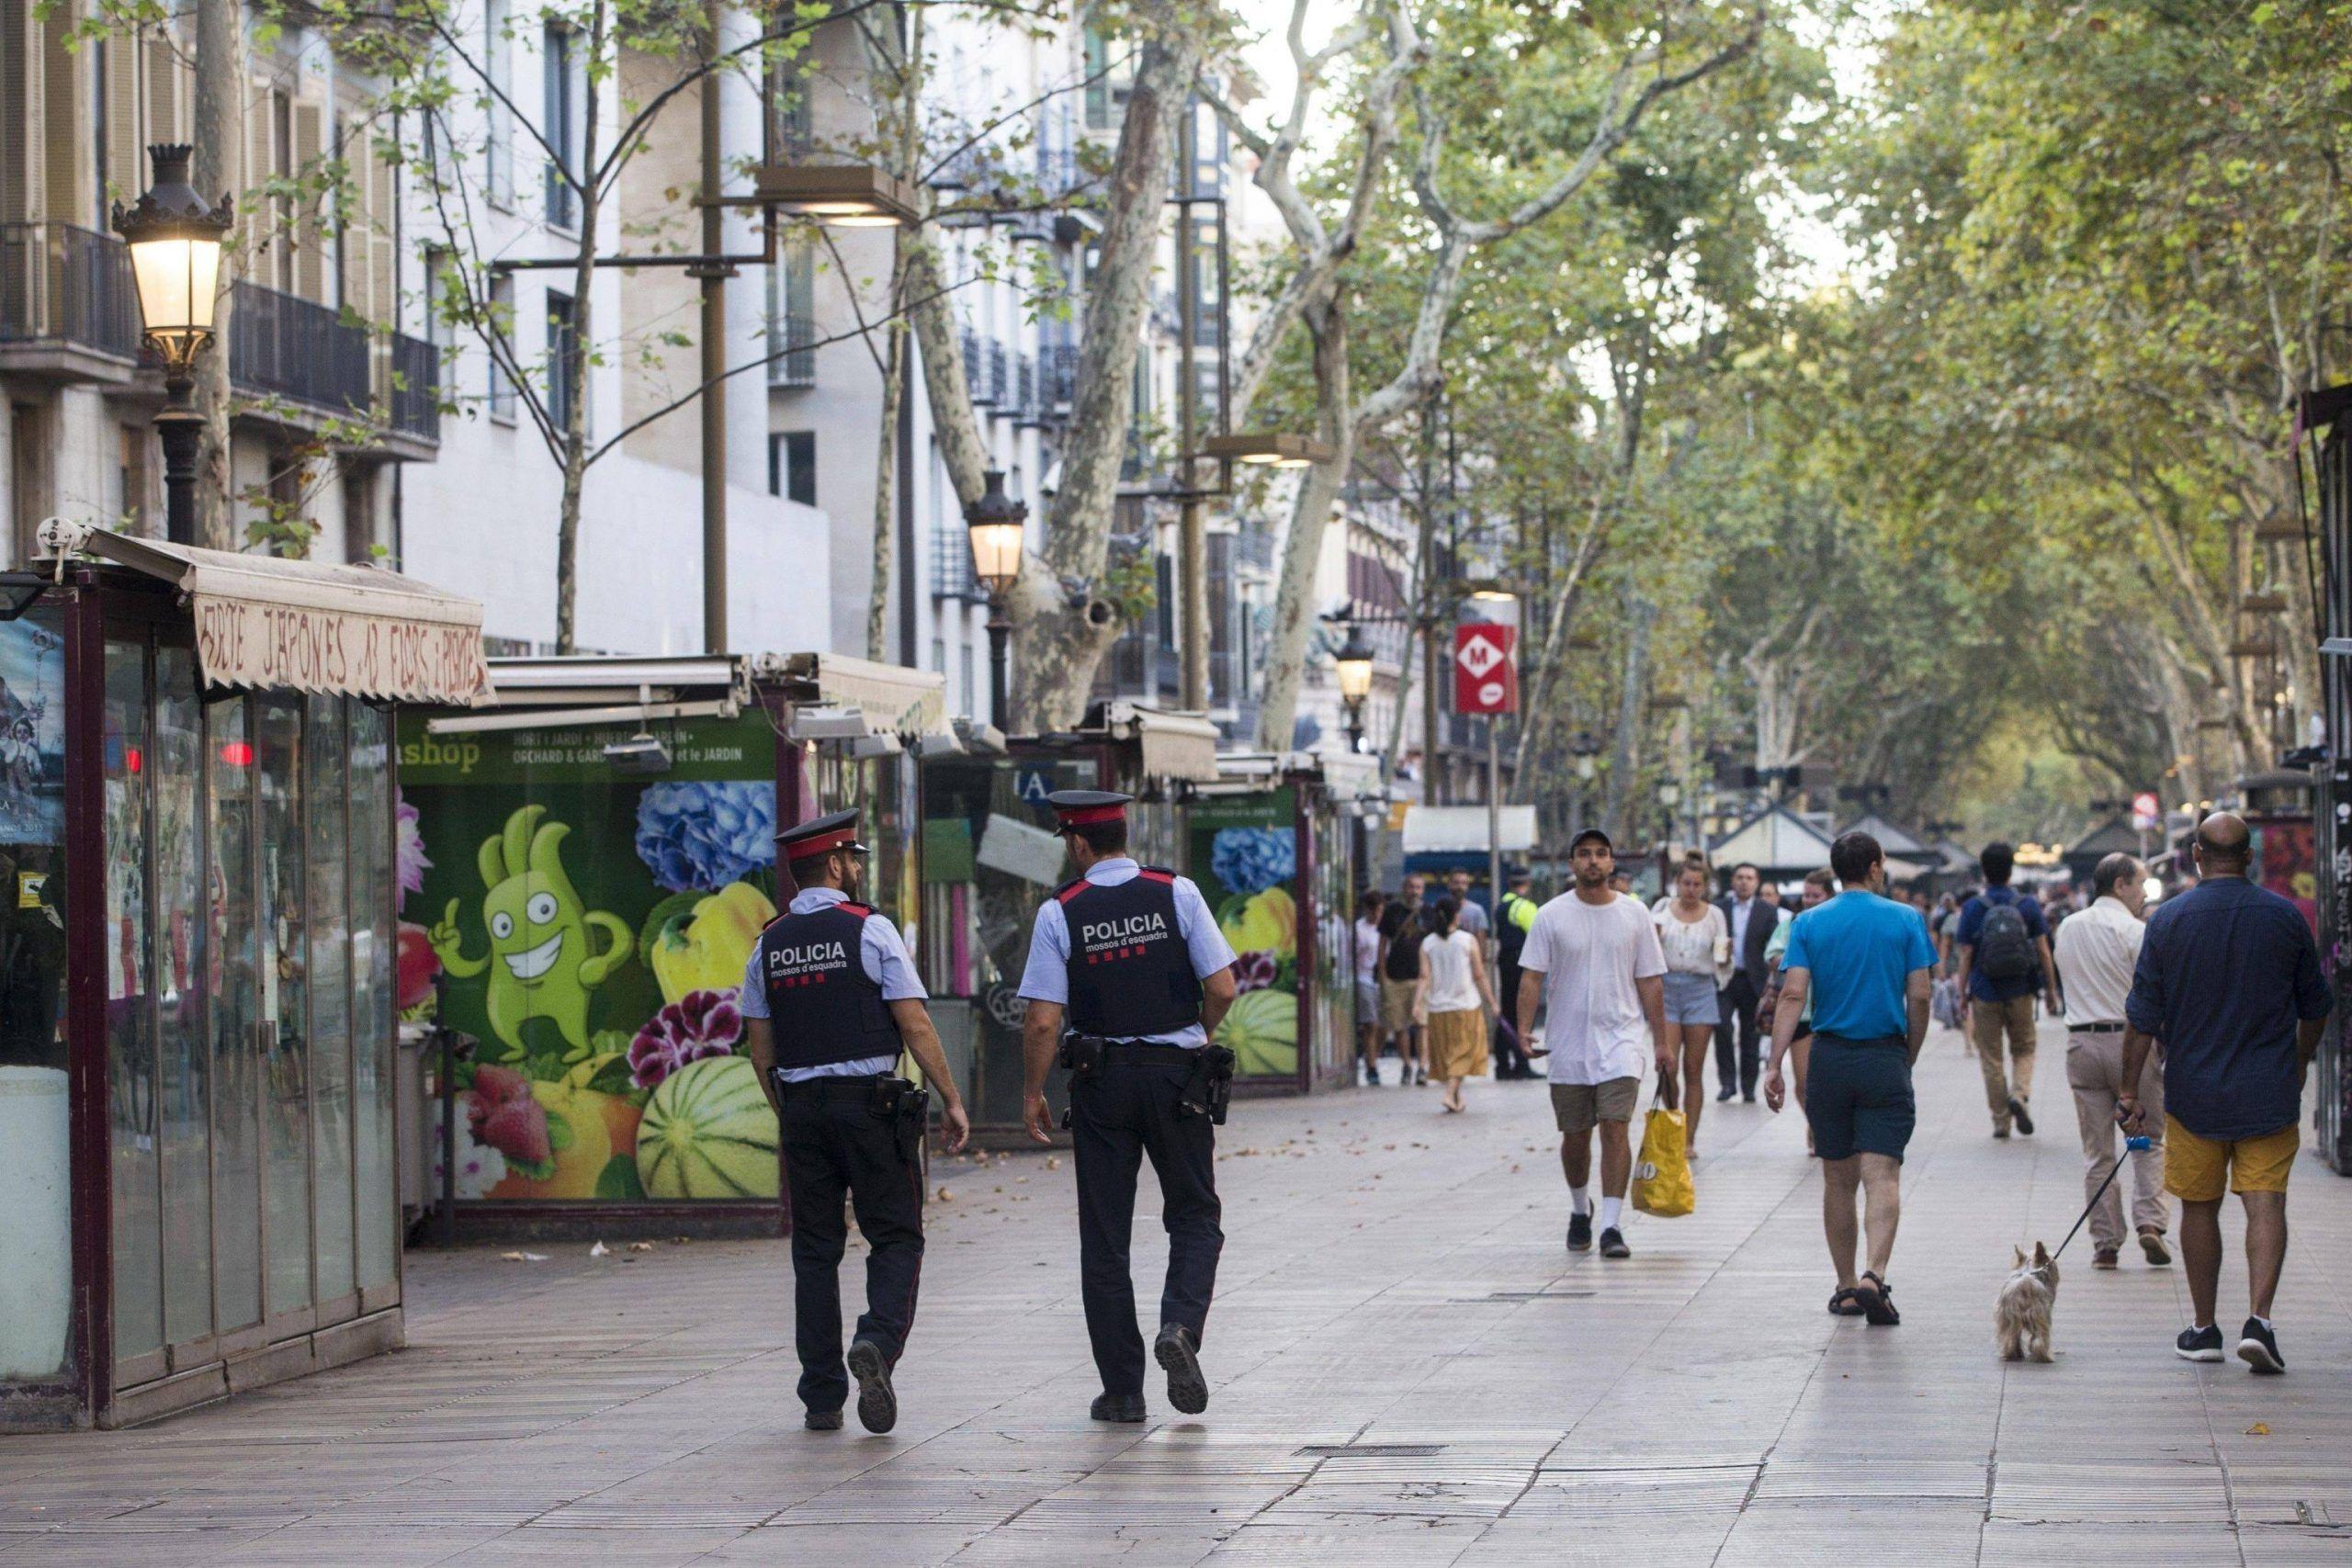 Attentato a Barcellona: chi sono i presunti terroristi